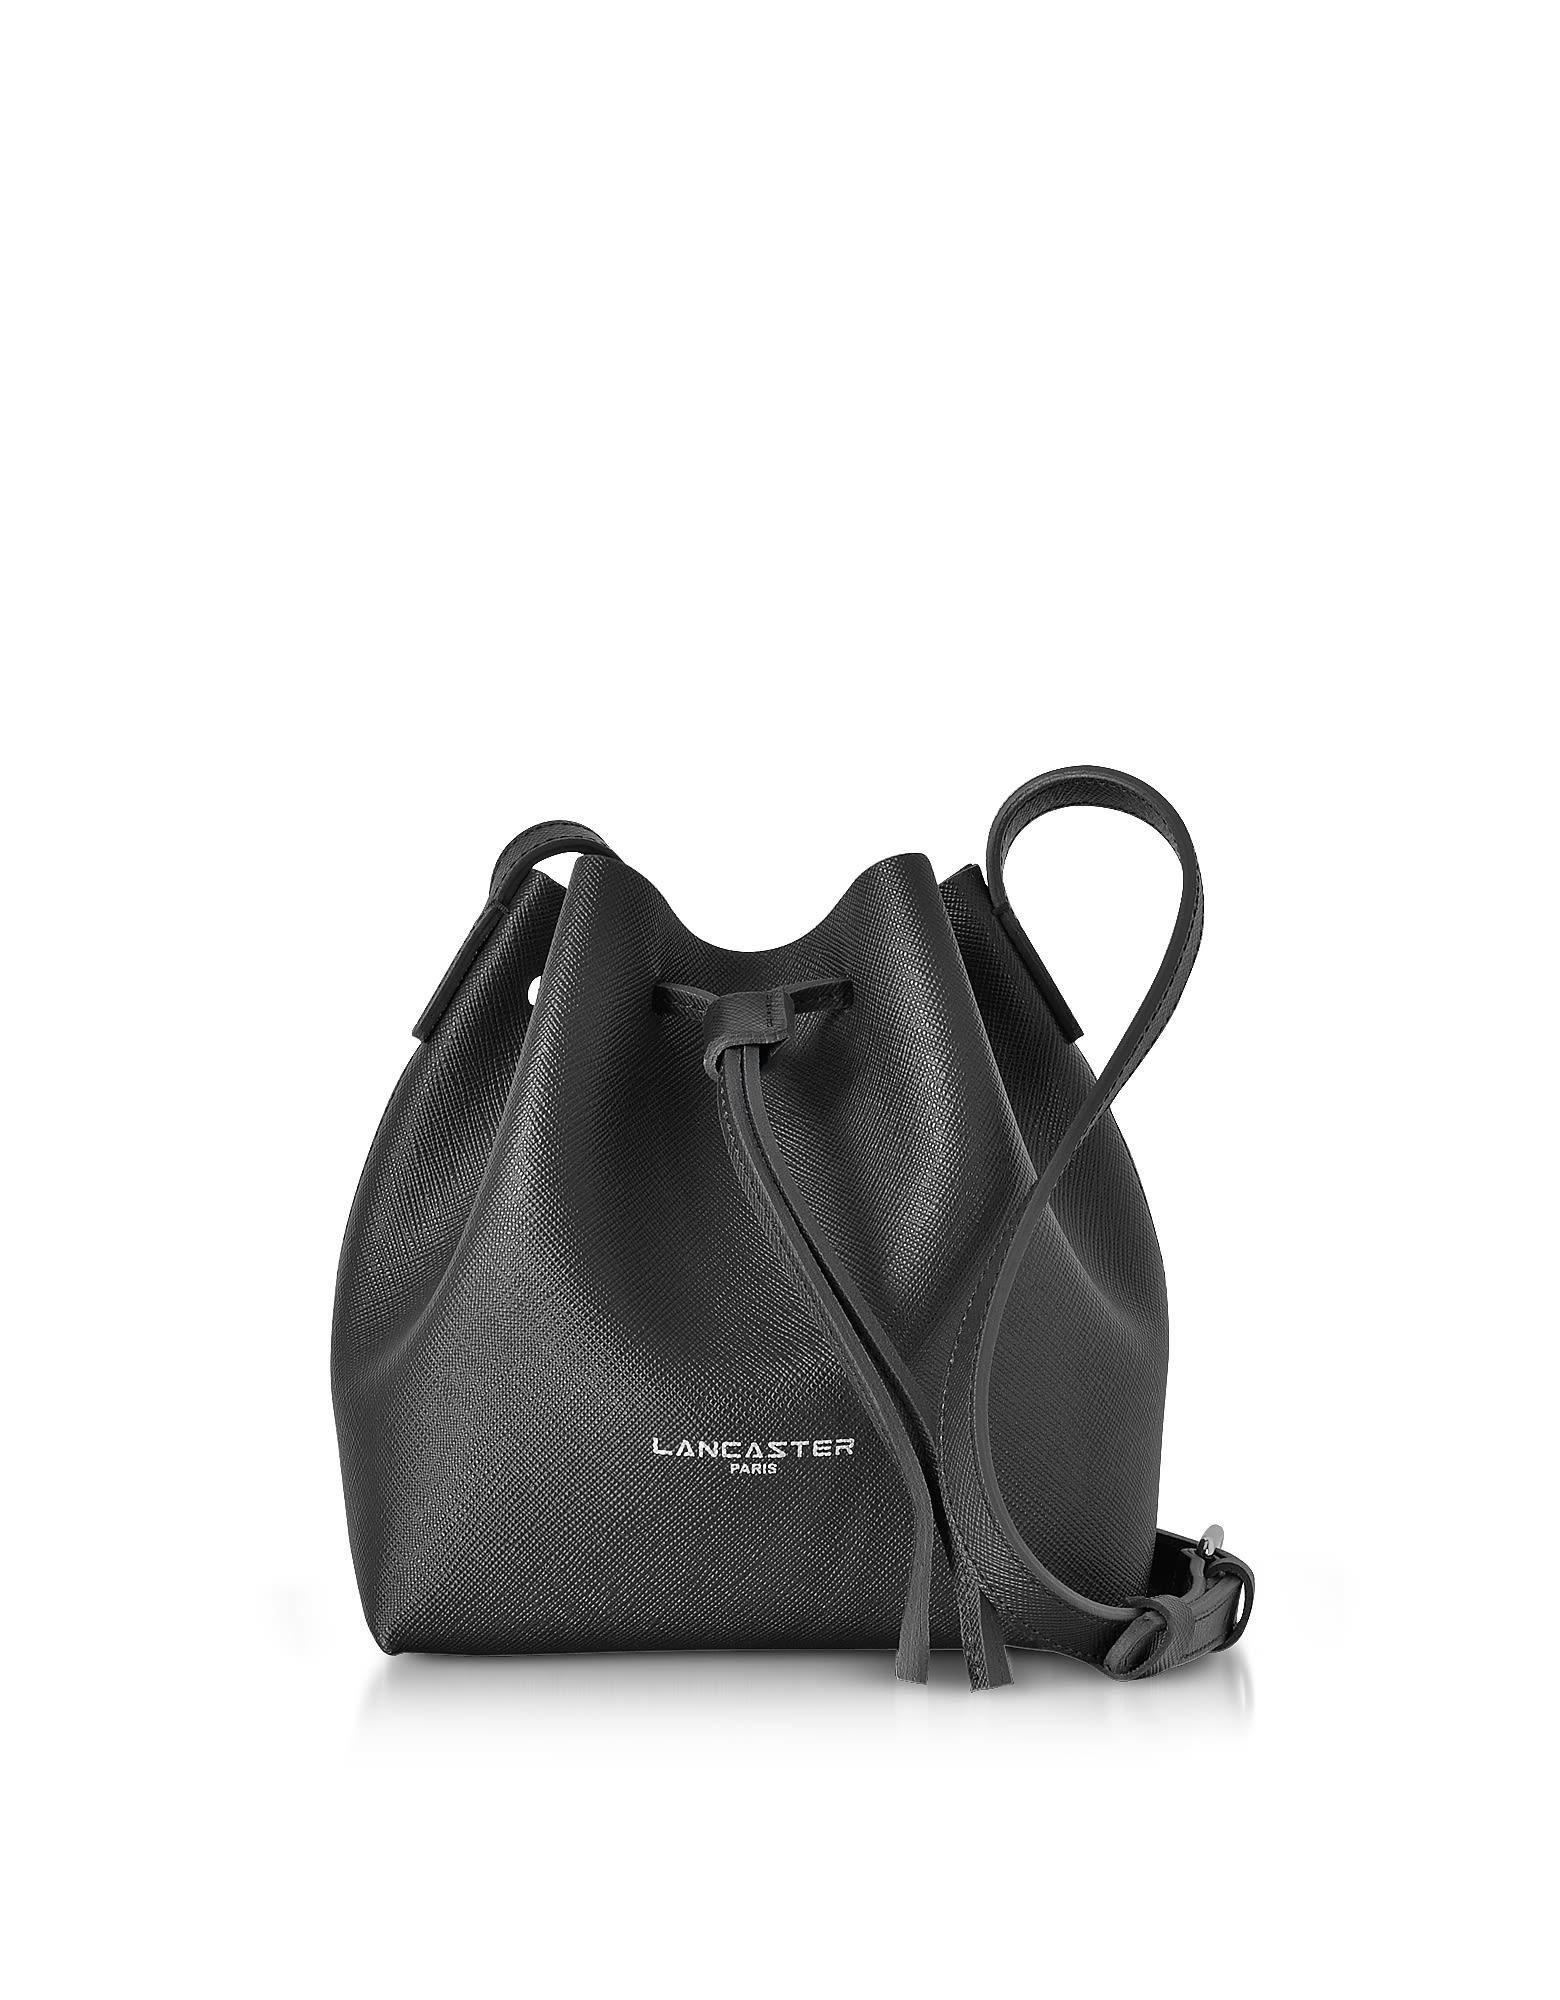 Lancaster Paris Pur & Element Saffiano Leather Mini Bucket Bag